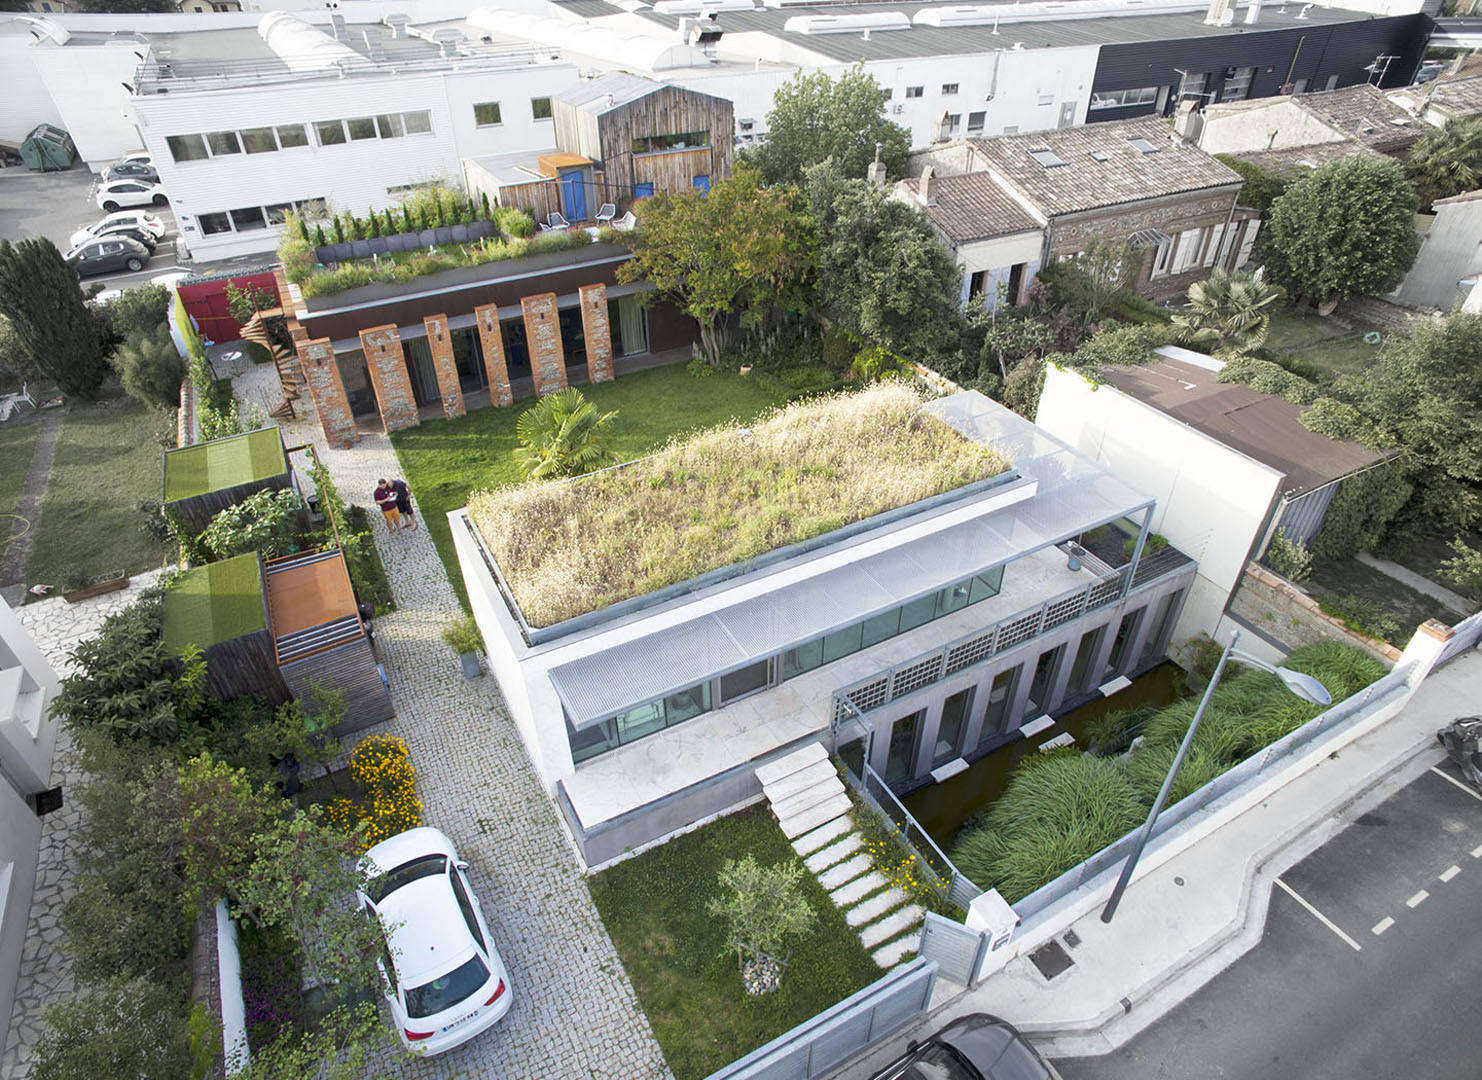 01-Seuil-architecture-Agence-Vue-aérienne-Crédit-Ph.-Digitalblend